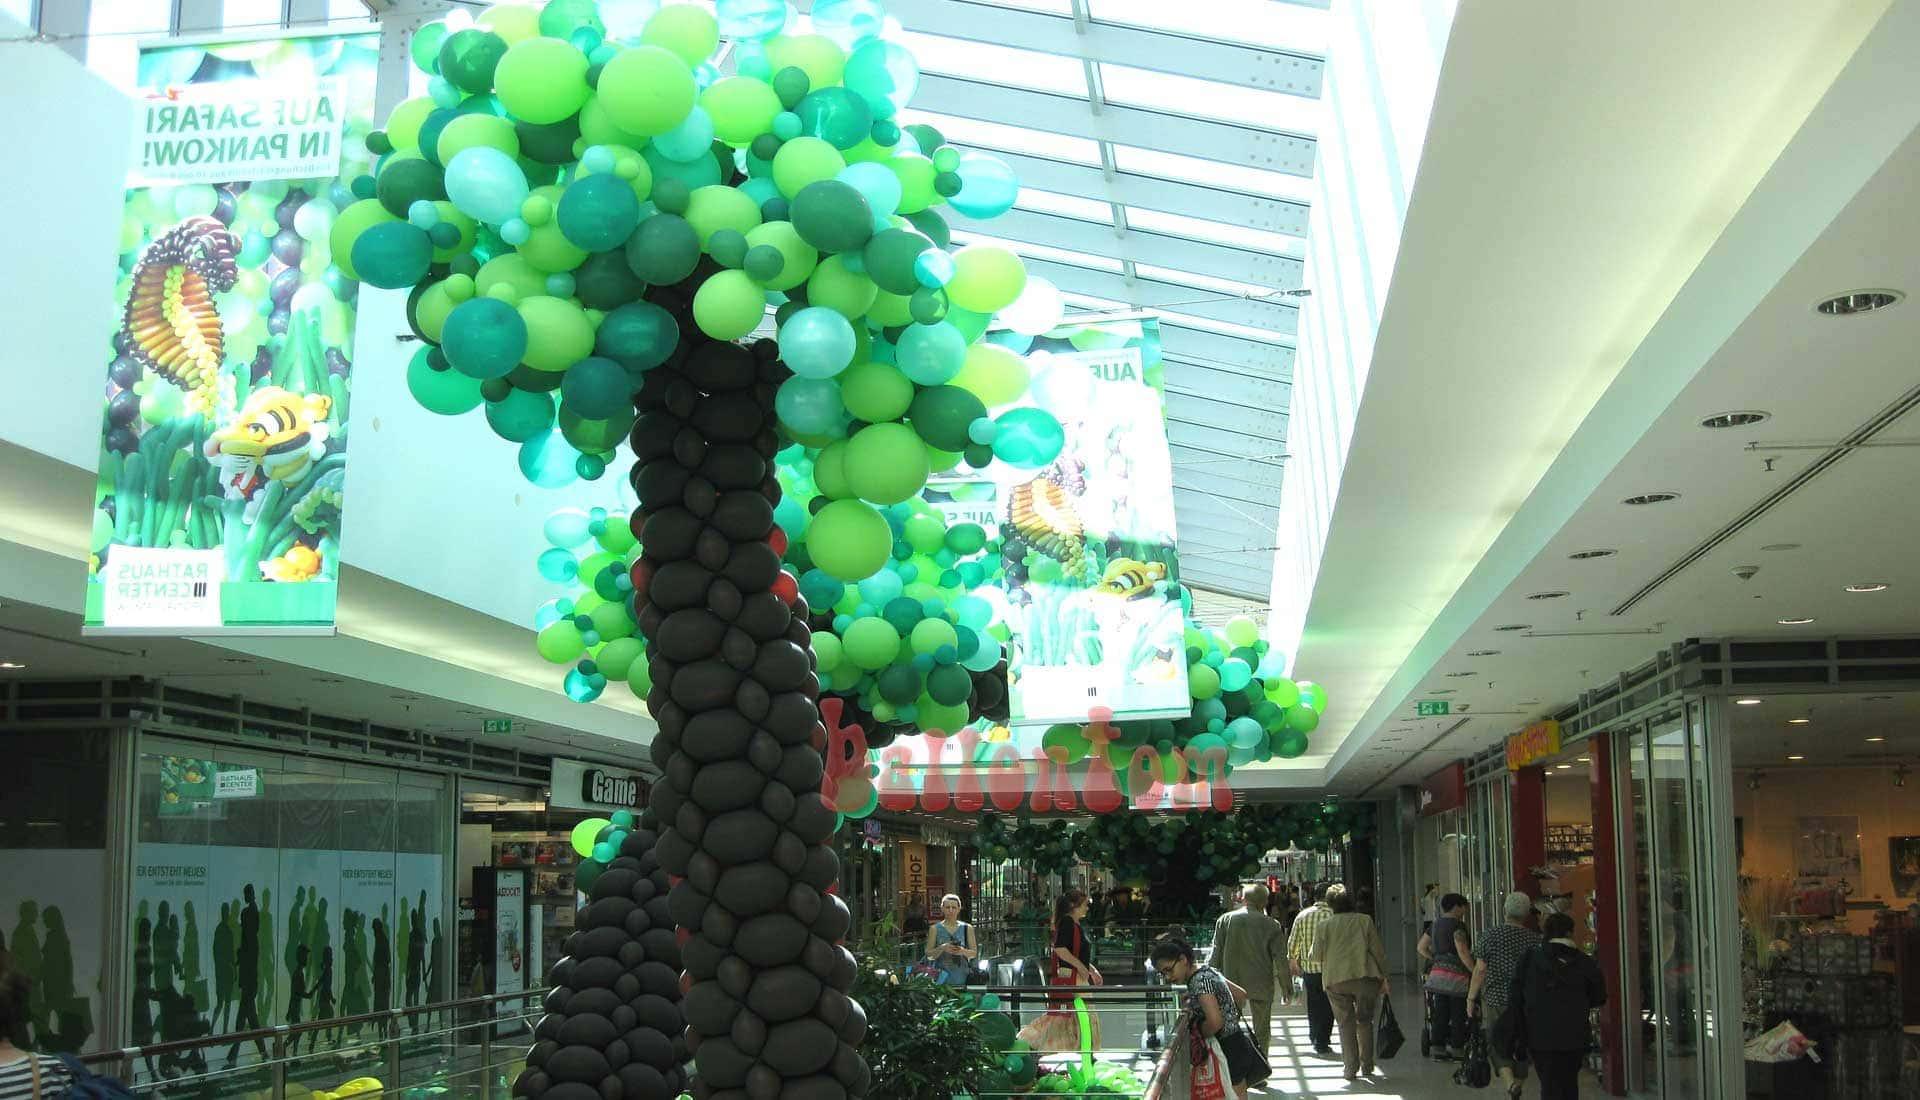 Ballonwelt im Rathauscenter Pankow in Berlin - Moto: Auf Safarie in Pankow - Bild: Bäume